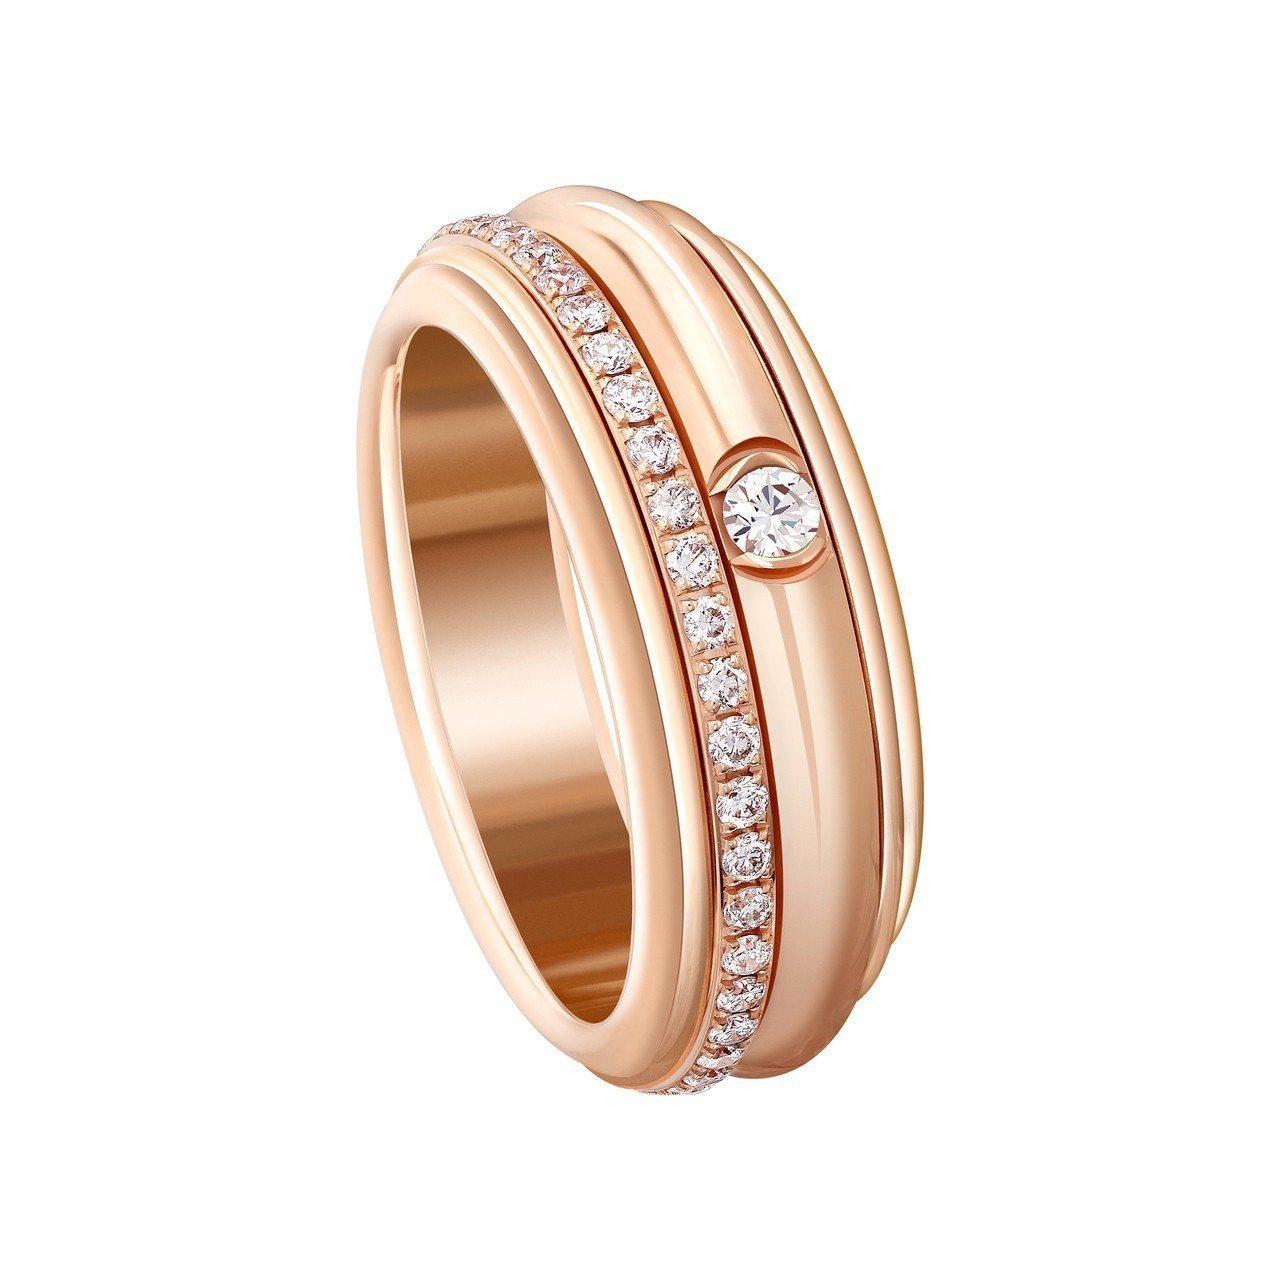 PIAGET Possession系列18K玫瑰金鋪鑲美鑽指環,19萬5,000...